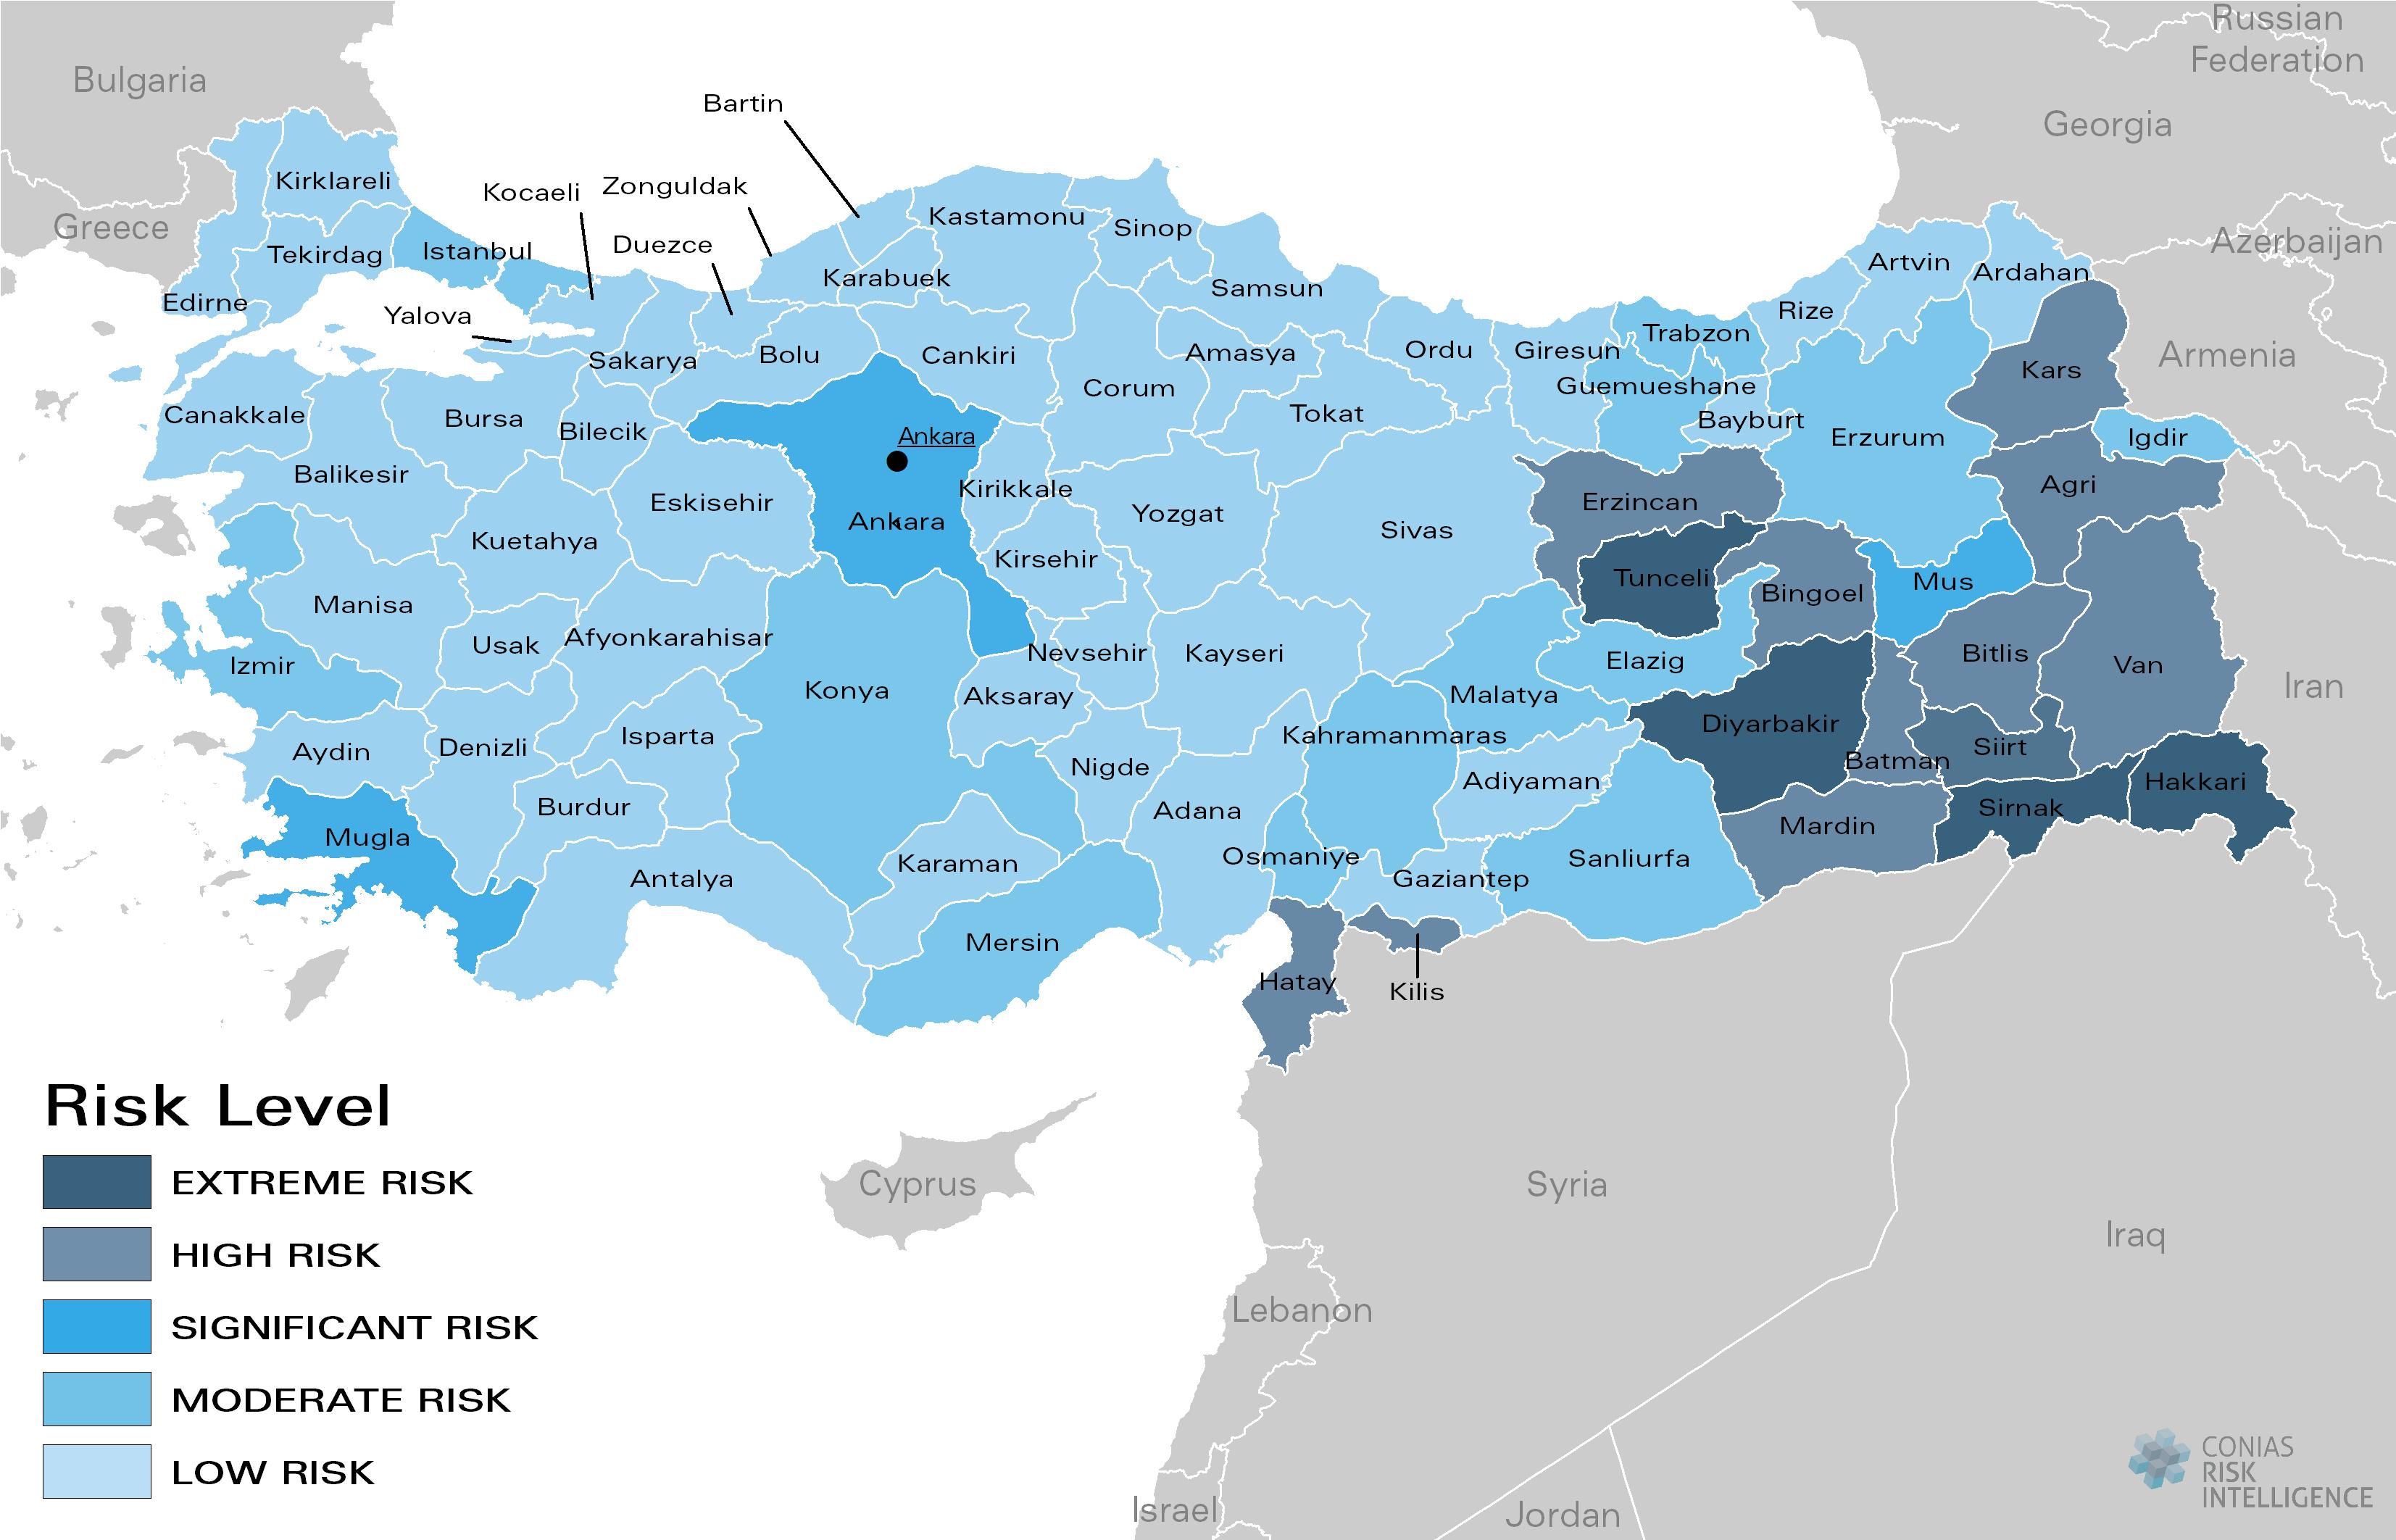 CONIAS Political Risk Maps Türkei